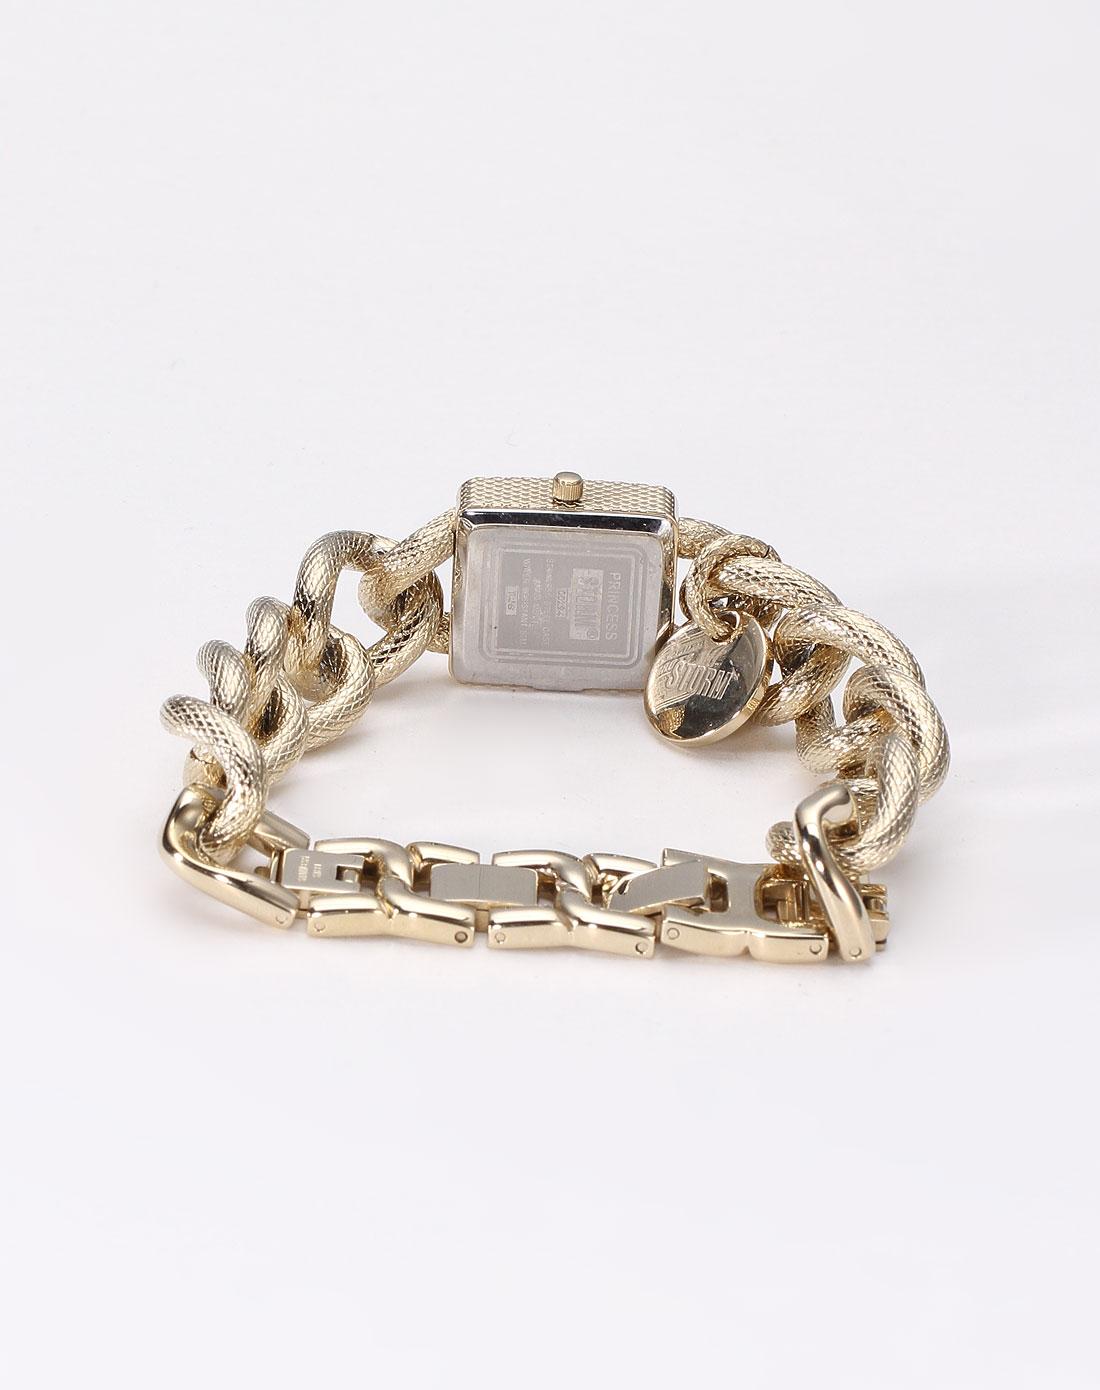 女性链条表带金色尊贵时尚石英手表